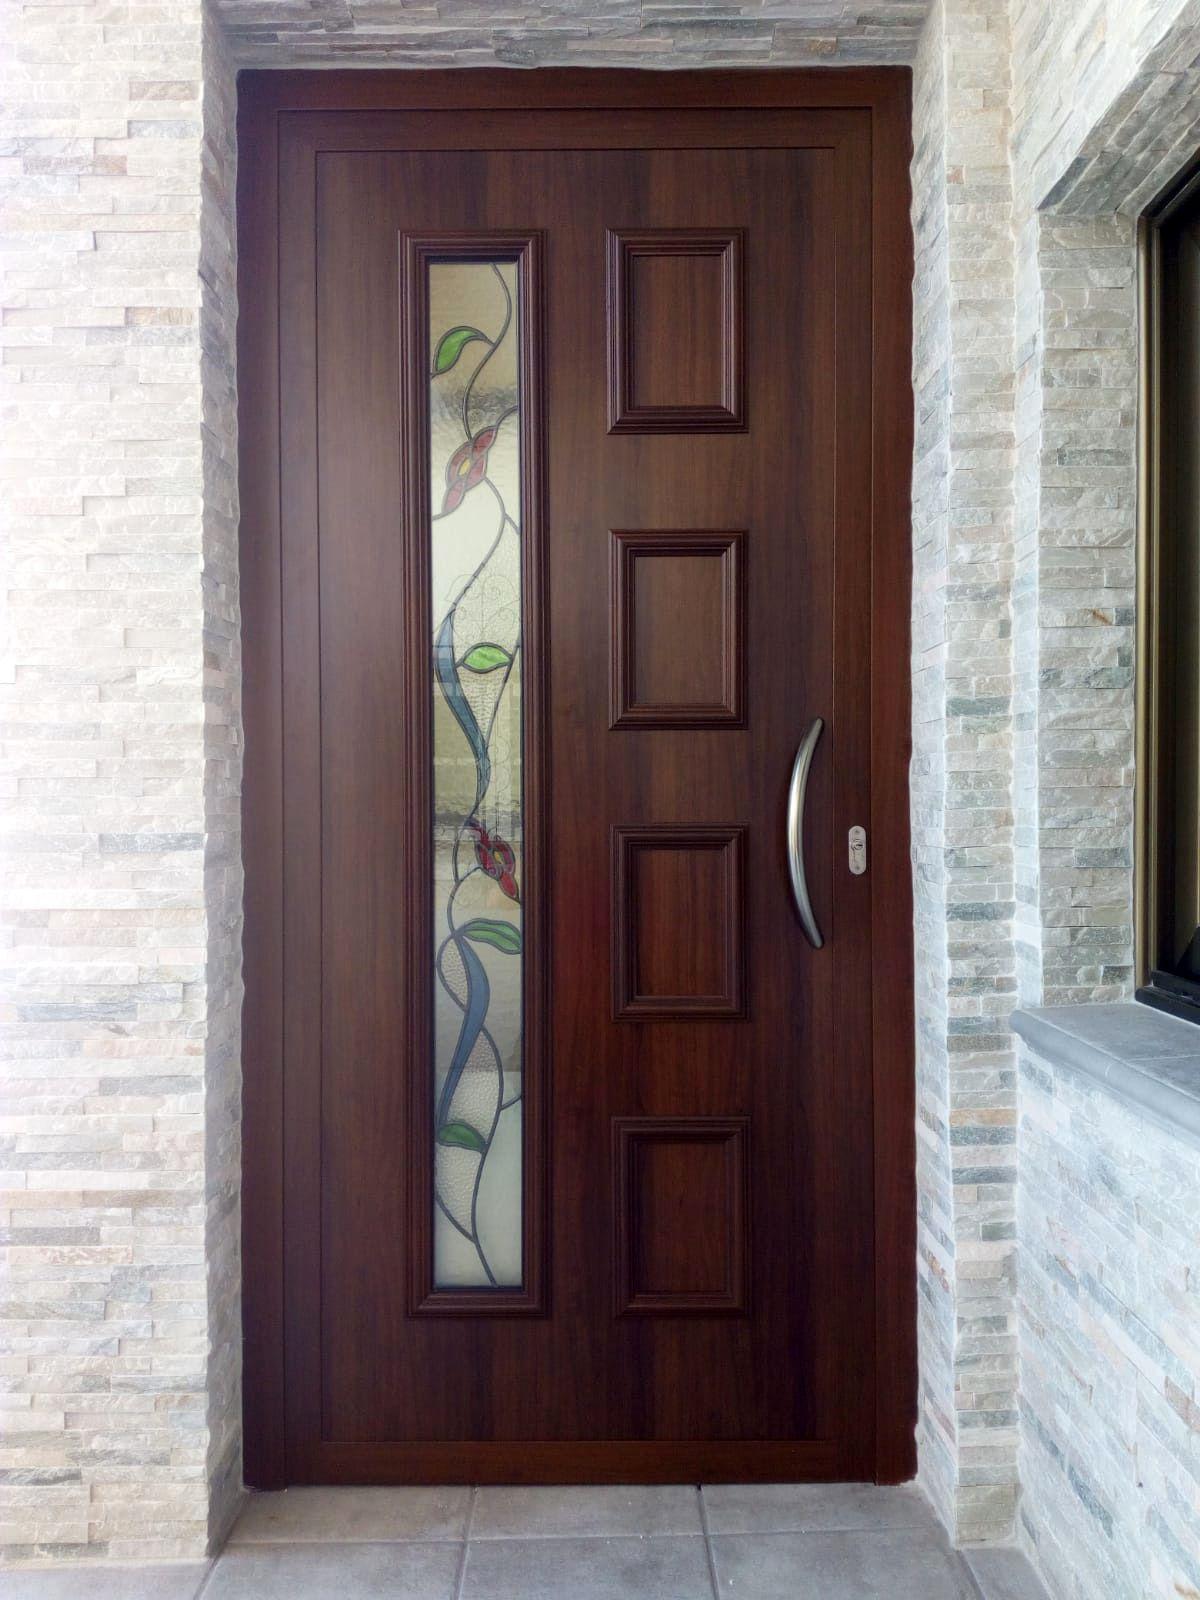 Tempo Lira En Lacado Madera Y Vitral Color Emplomado Instalada En La Provincia D Puertas De Entrada Aluminio Puertas De Aluminio Puertas Principales De Madera